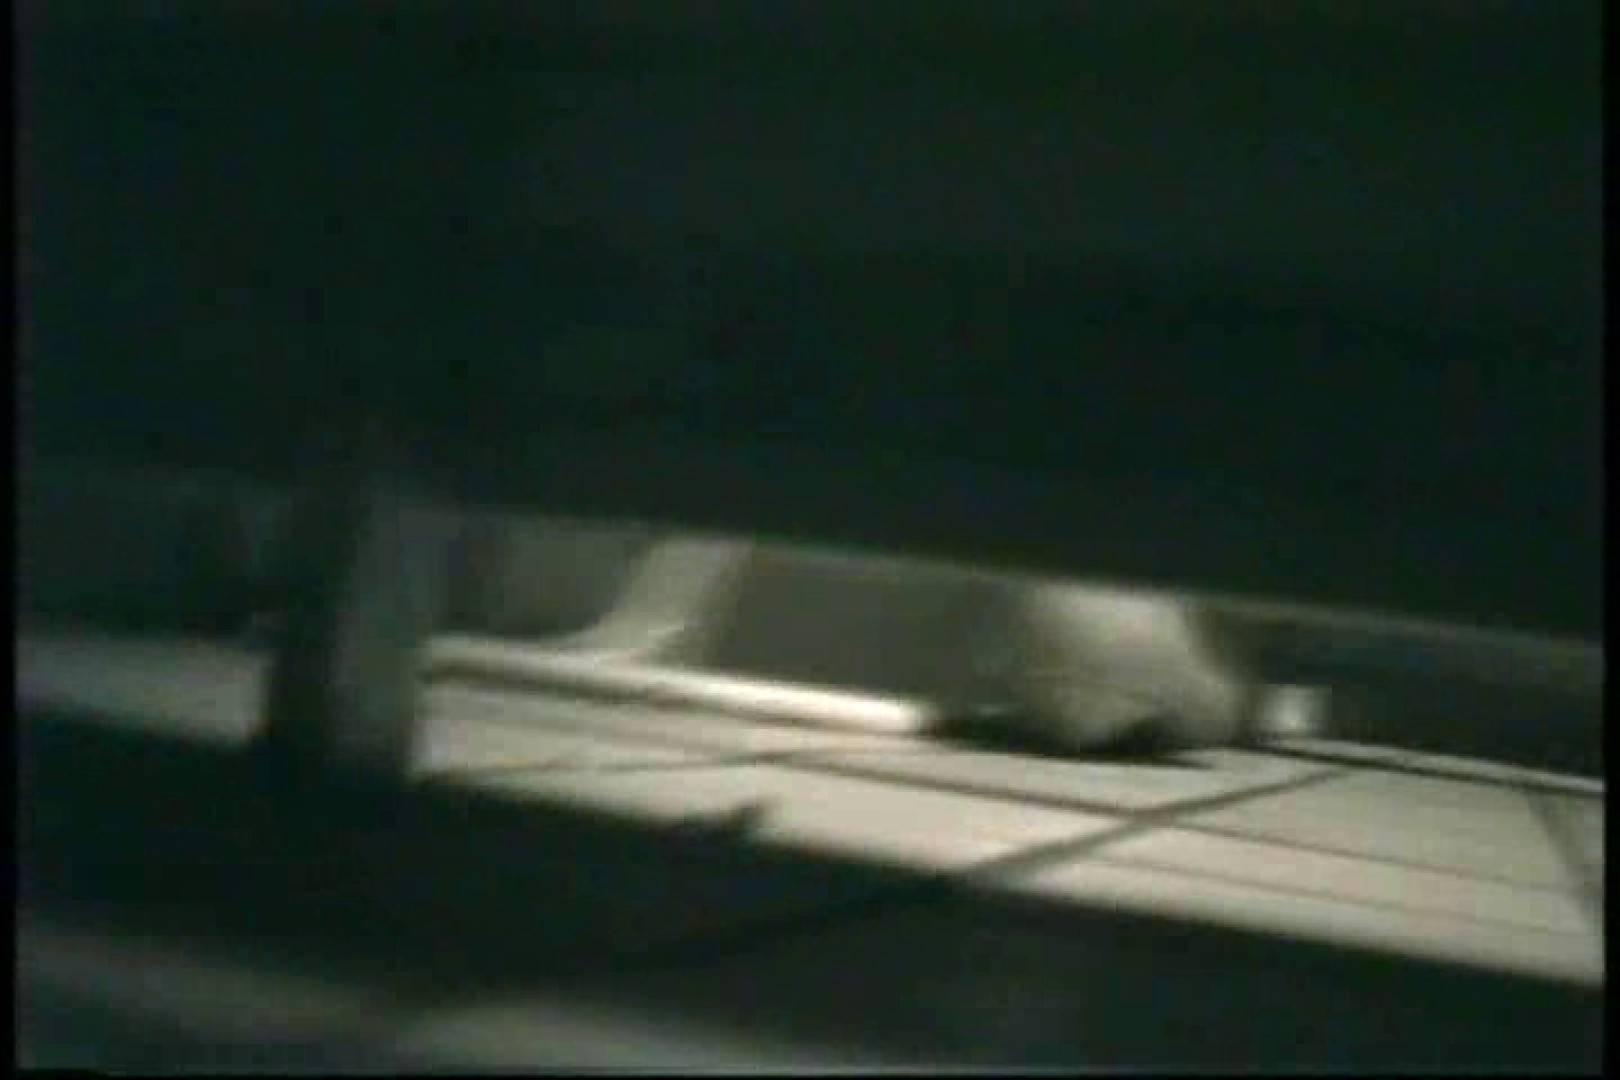 様式 和式 ところかまわず、厠覗き! 厠隠し撮り ワレメ無修正動画無料 74pic 73